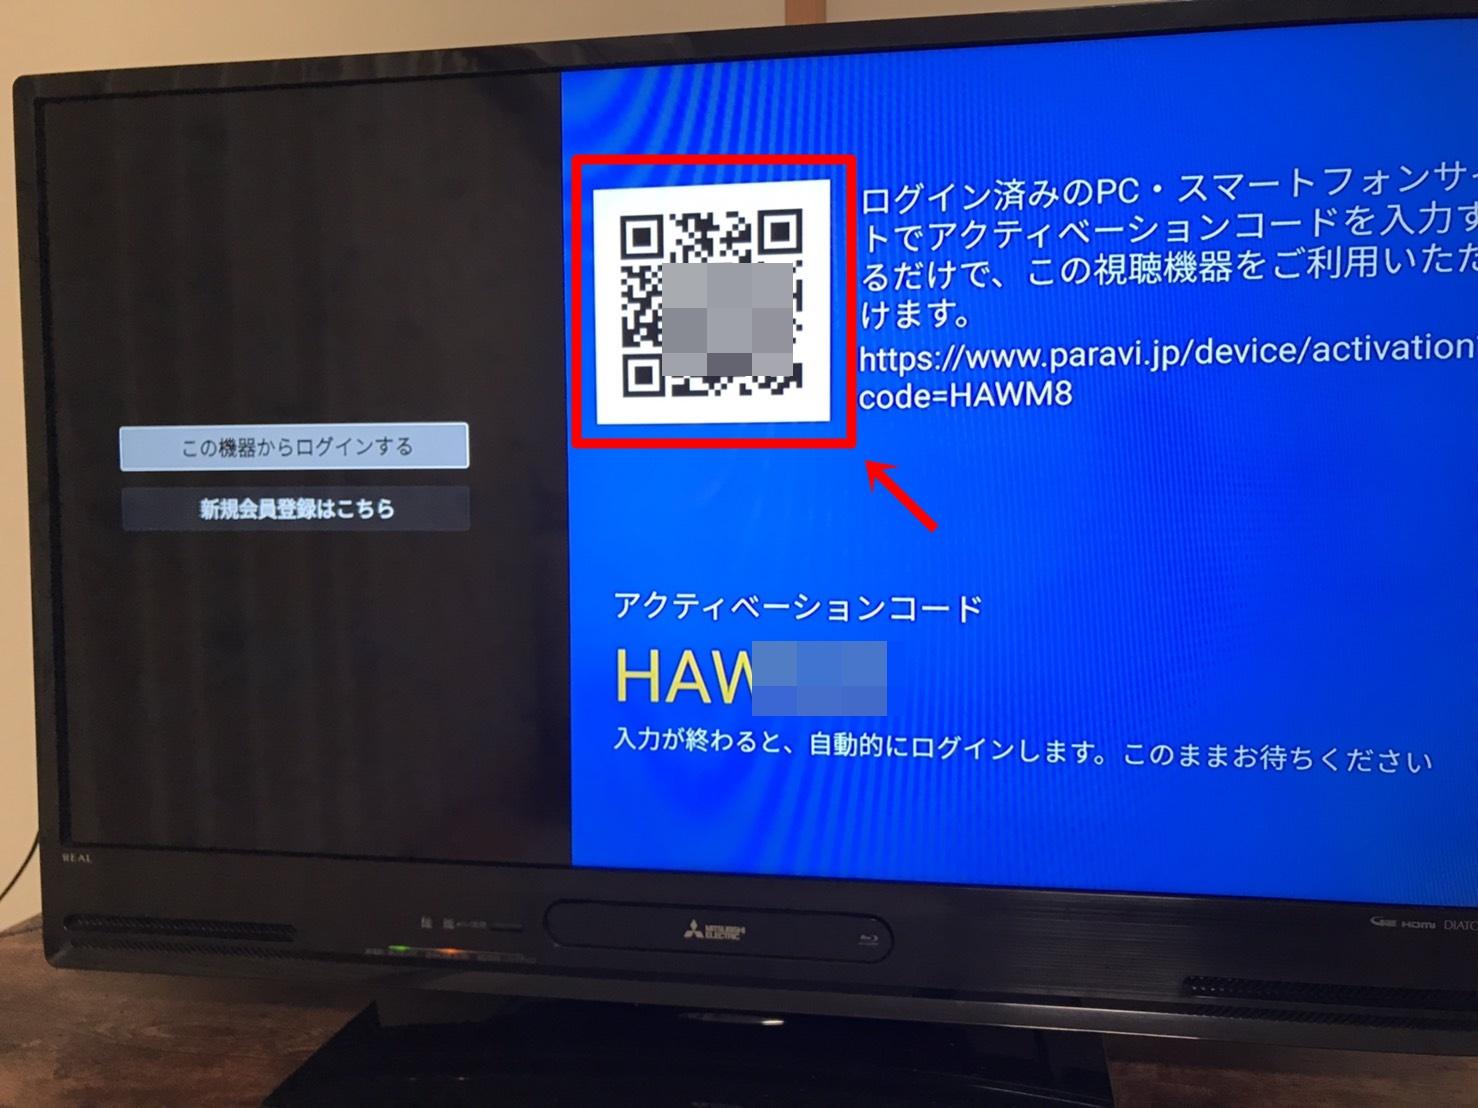 Fire TV Stickを使ってParaviをテレビで見る方法